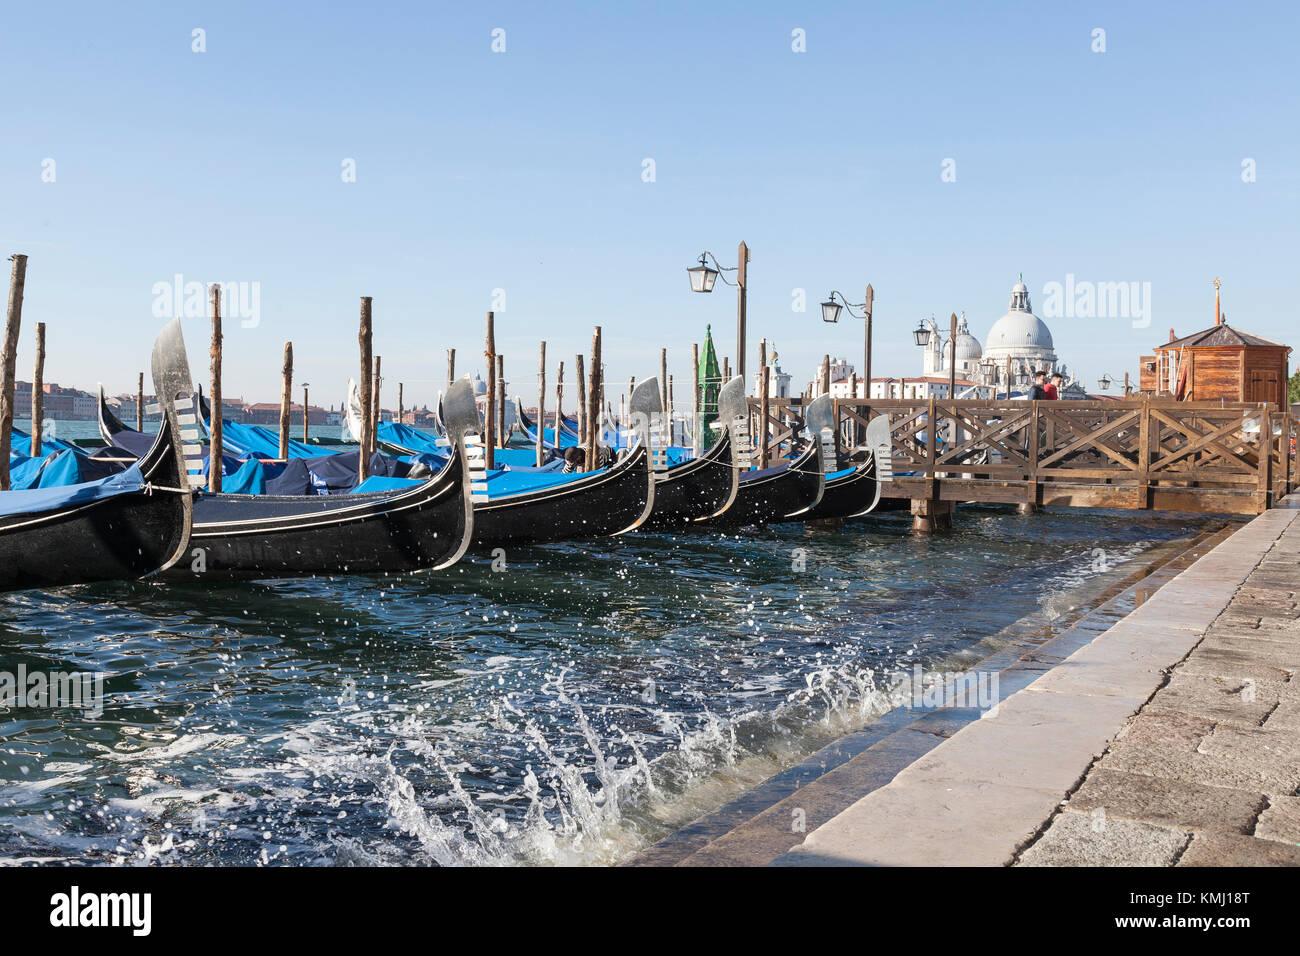 Las góndolas en San Marco a caballo en el agua en una acqua alta marea con salpicaduras y una vista a la Baslica di Santa Maria della Salaute, Venecia, Italia Foto de stock